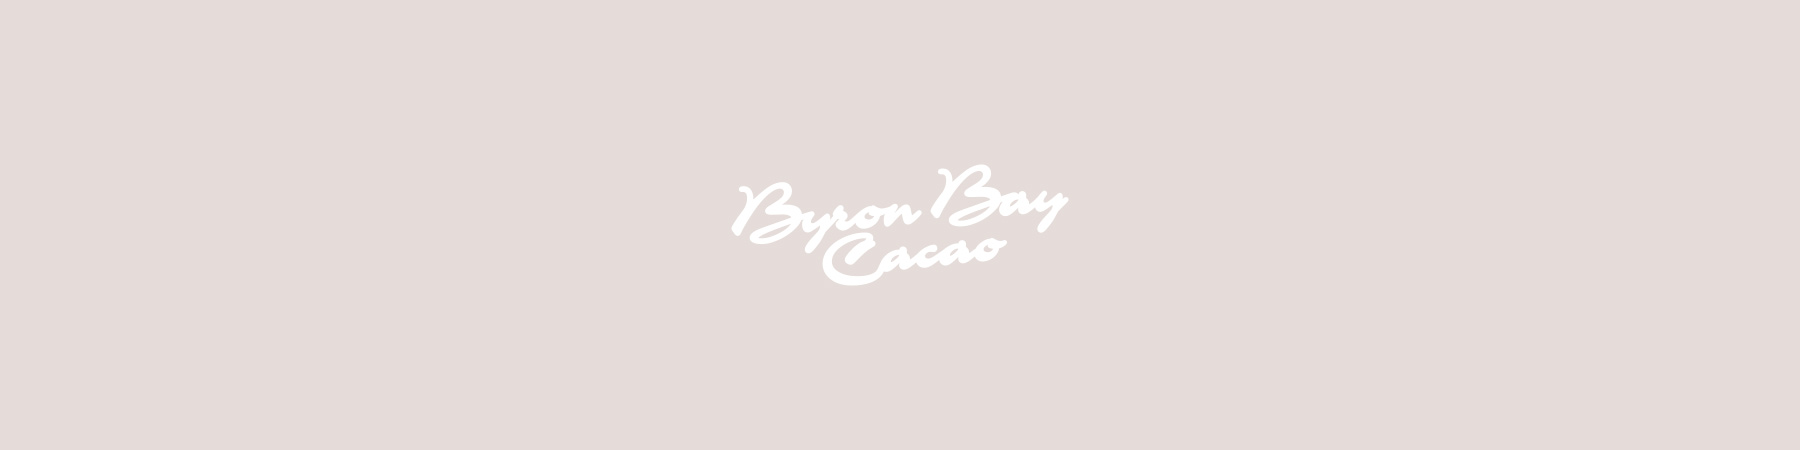 Byron Bay Cacao